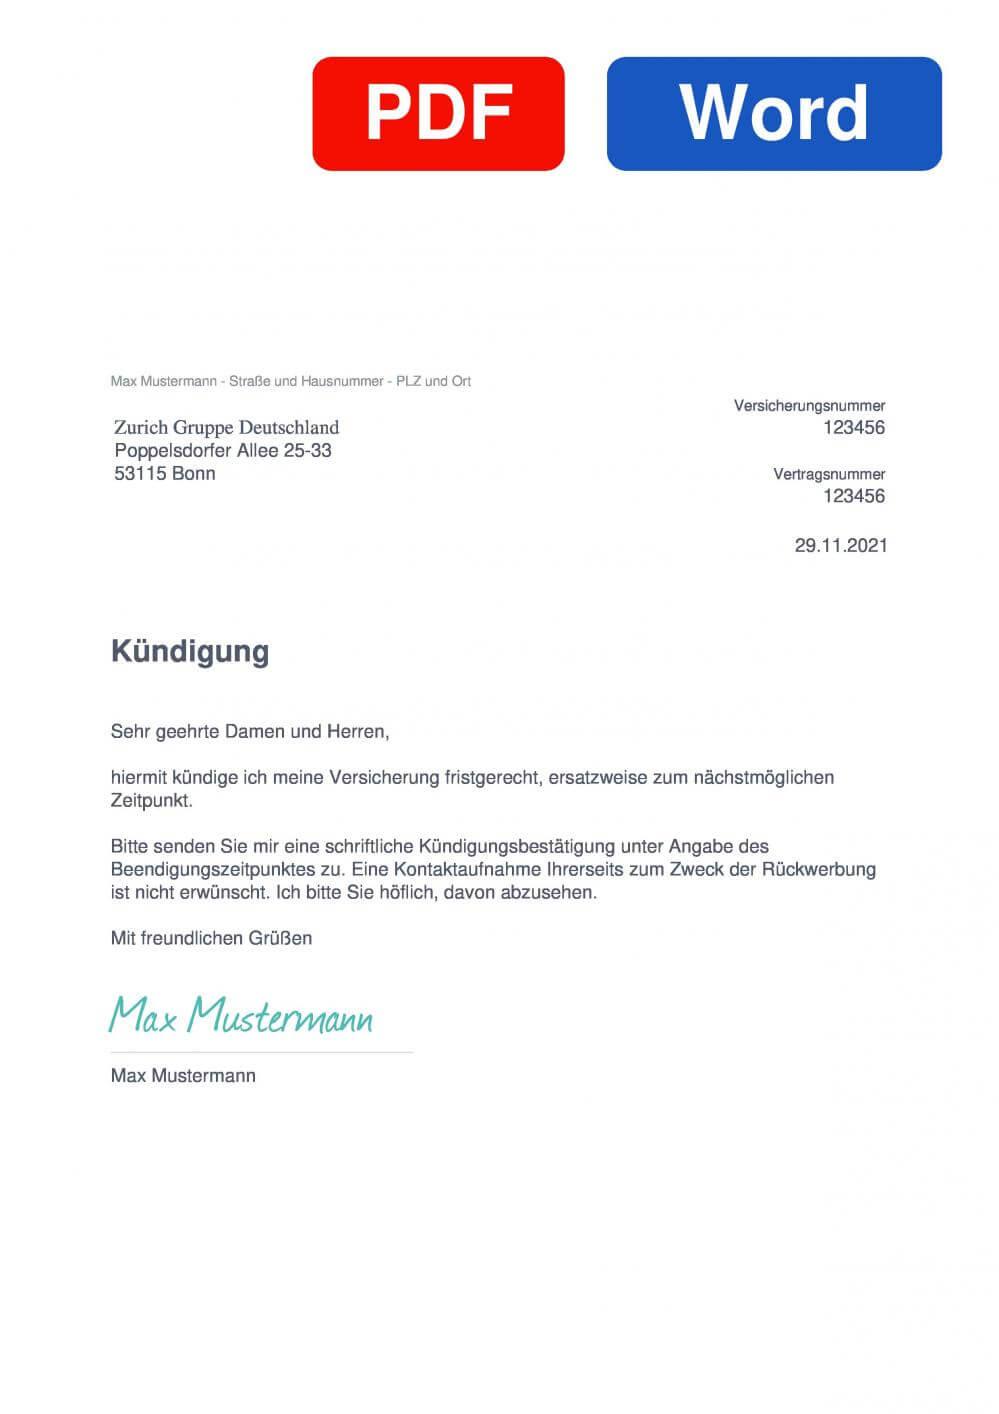 Zurich Fondsrente Muster Vorlage für Kündigungsschreiben